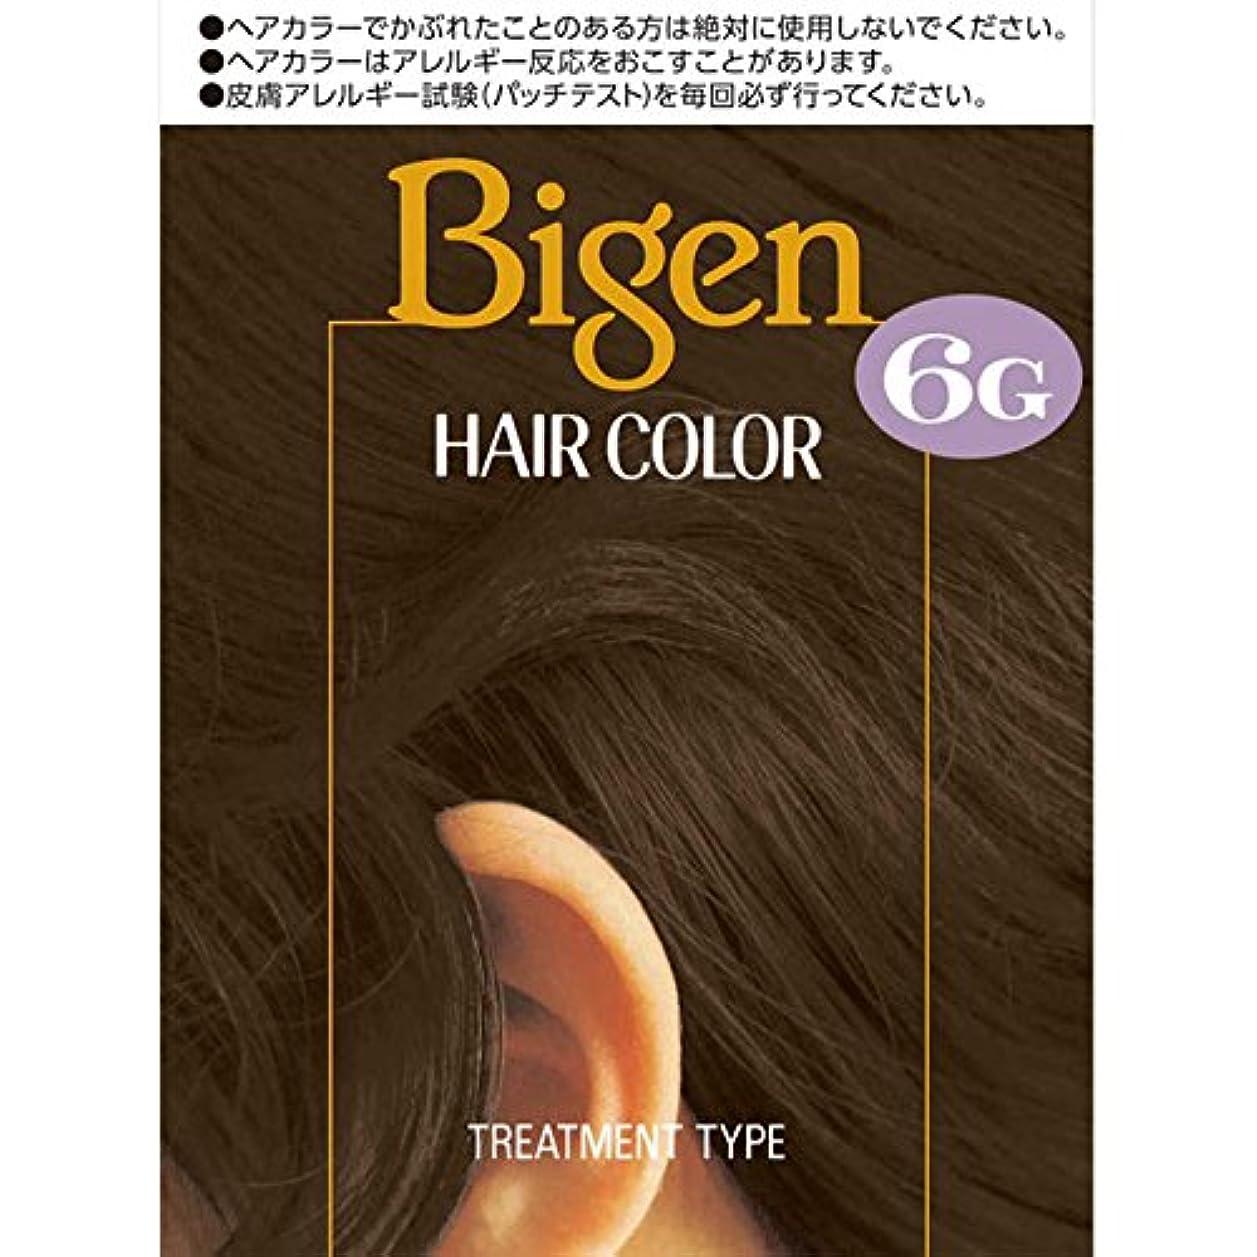 厄介なパース意味のあるホーユー ビゲン ヘアカラー 6G 自然な褐色 40ml×2